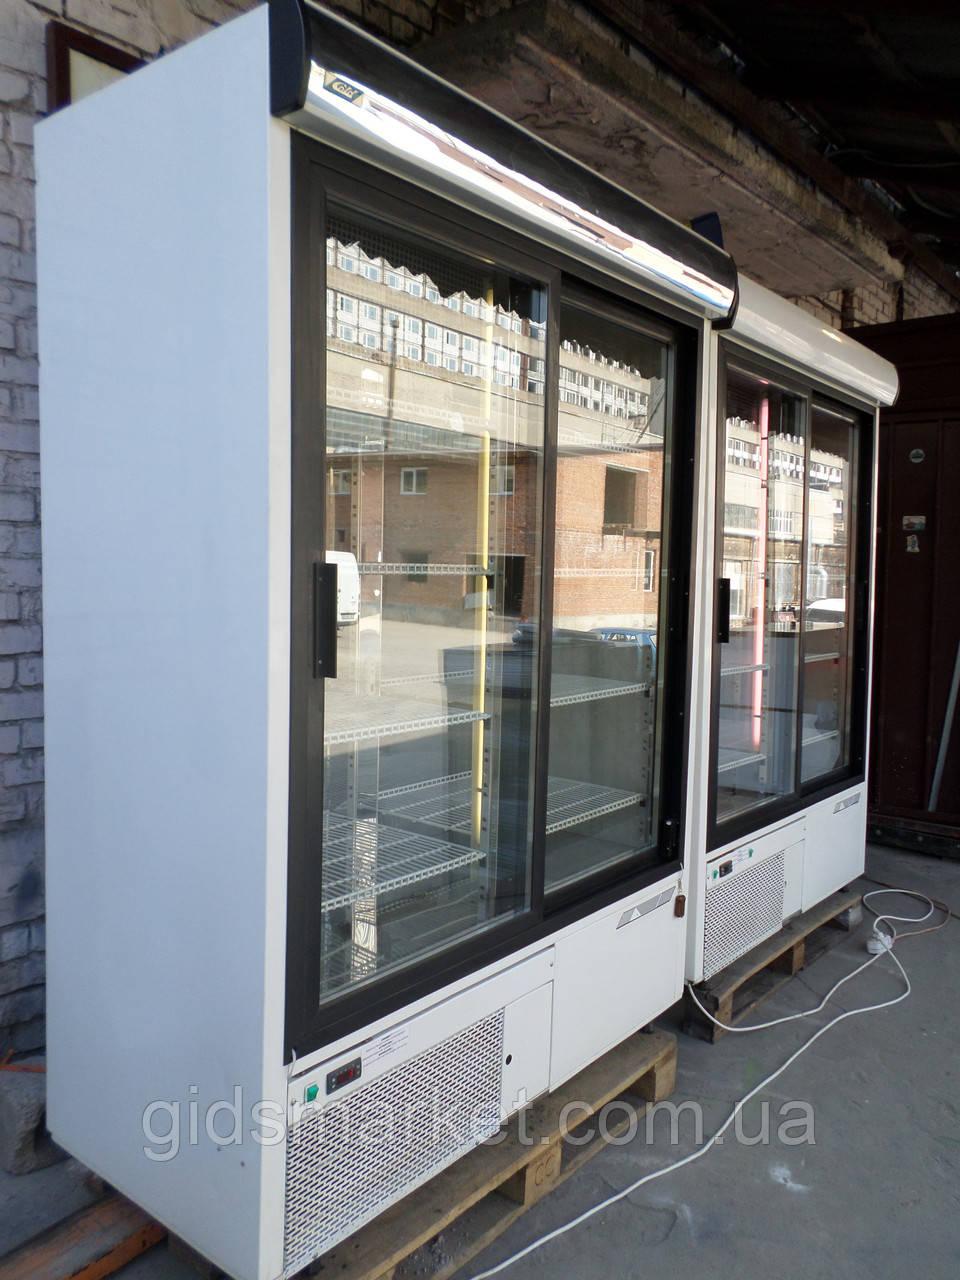 Холодильный шкаф cold sw-1400 б у, Холодильный шкаф купе б/у, шкаф холодильный б/у, витрина холодильная б/у, х